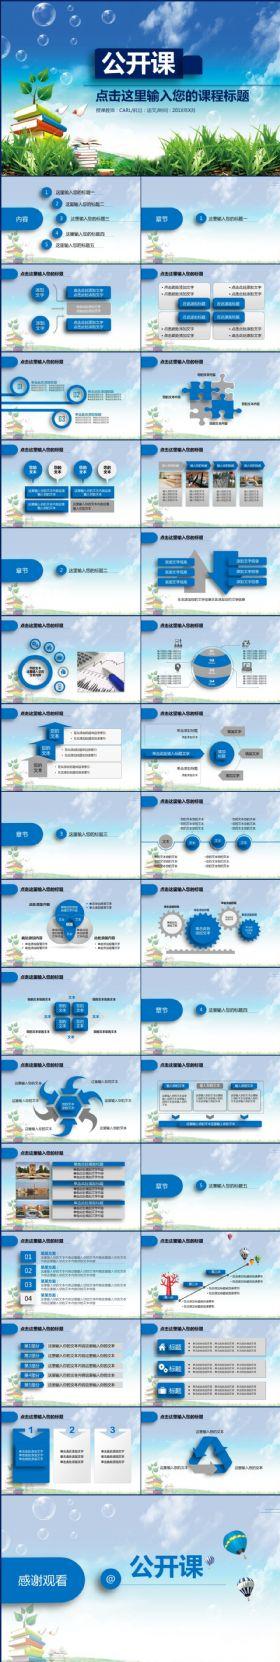 蓝色微立体教育教学教师公开课课件PPT模板